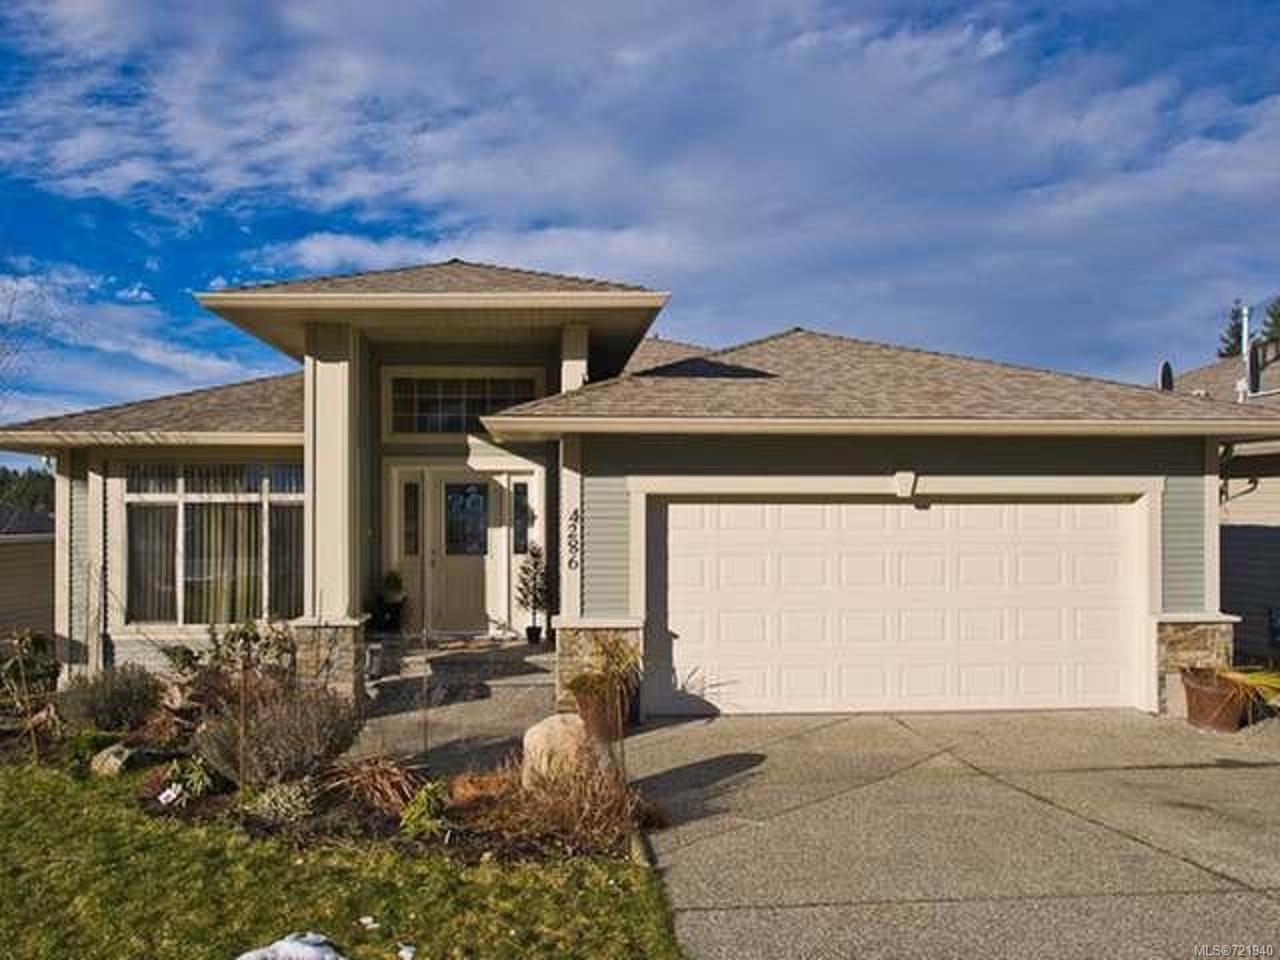 Main Photo: 4286 Gulfview Dr in NANAIMO: Na North Nanaimo House for sale (Nanaimo)  : MLS®# 721940